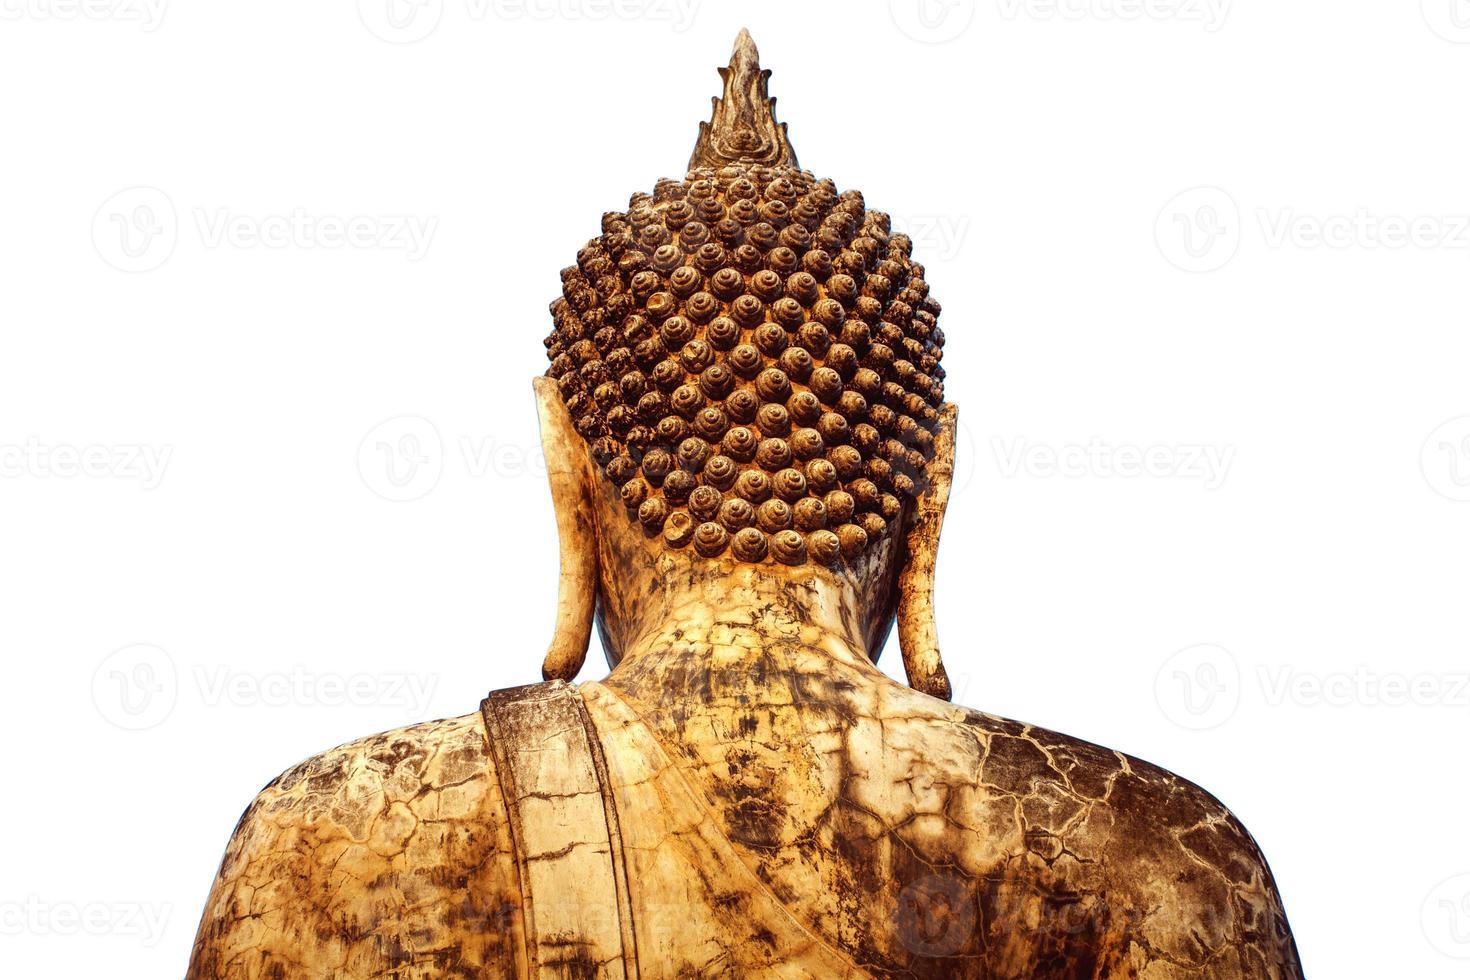 baksidan av den stora buddha i gamla templet i Thailand foto